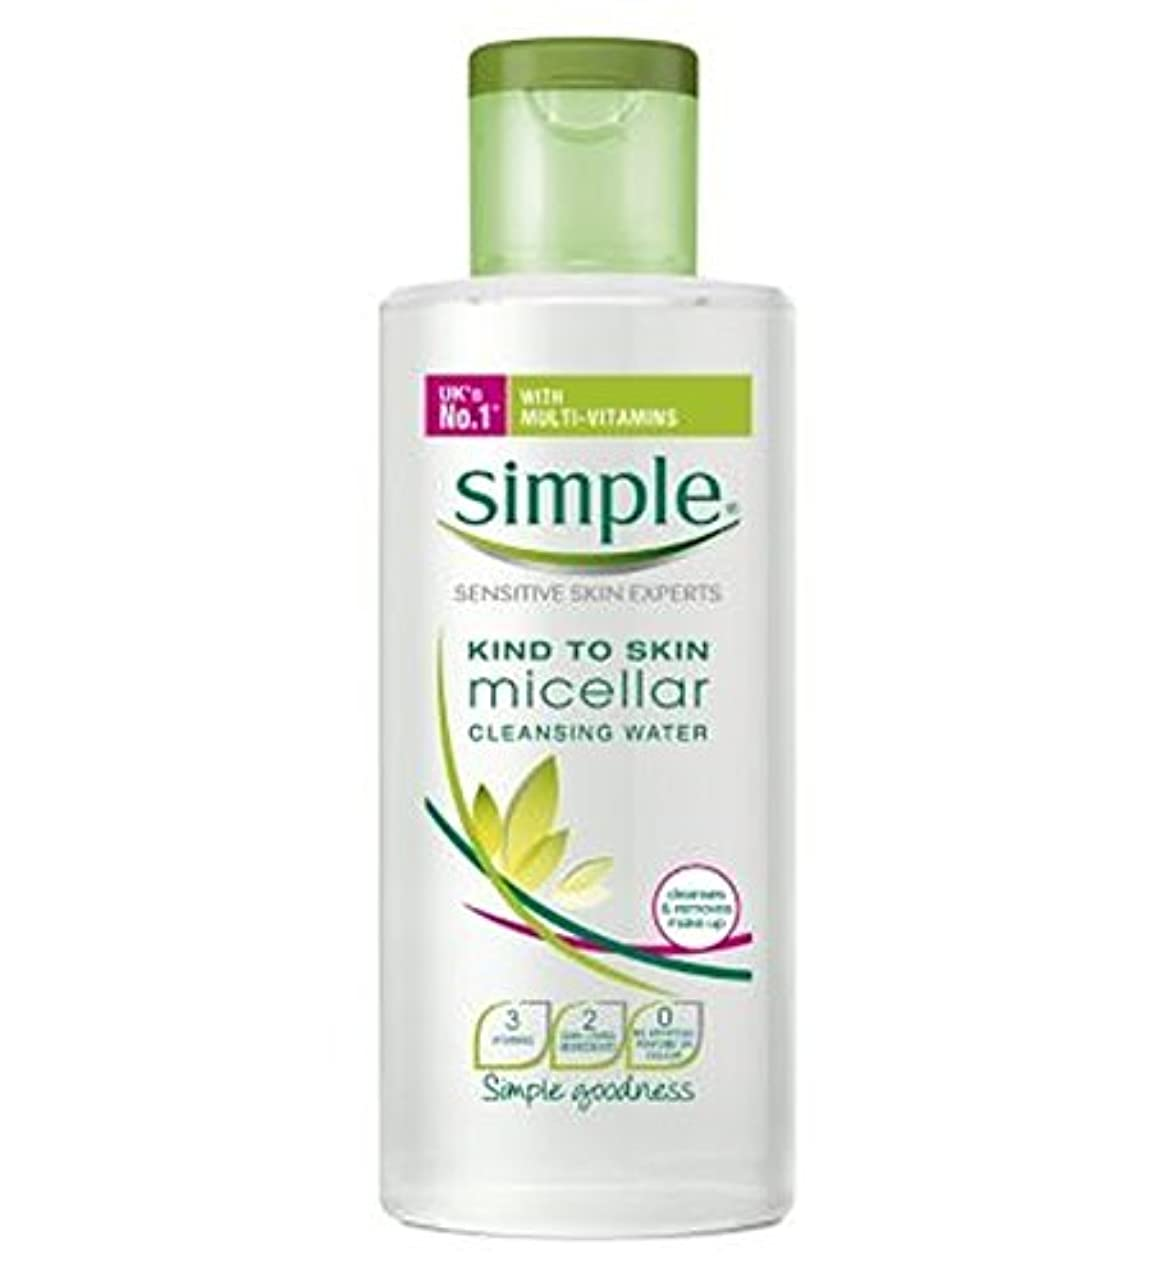 禁止する派生する消毒剤Simple Kind To Skin Micellar Cleansing Water 200ml - 皮膚ミセル洗浄水200ミリリットルに簡単な種類 (Simple) [並行輸入品]